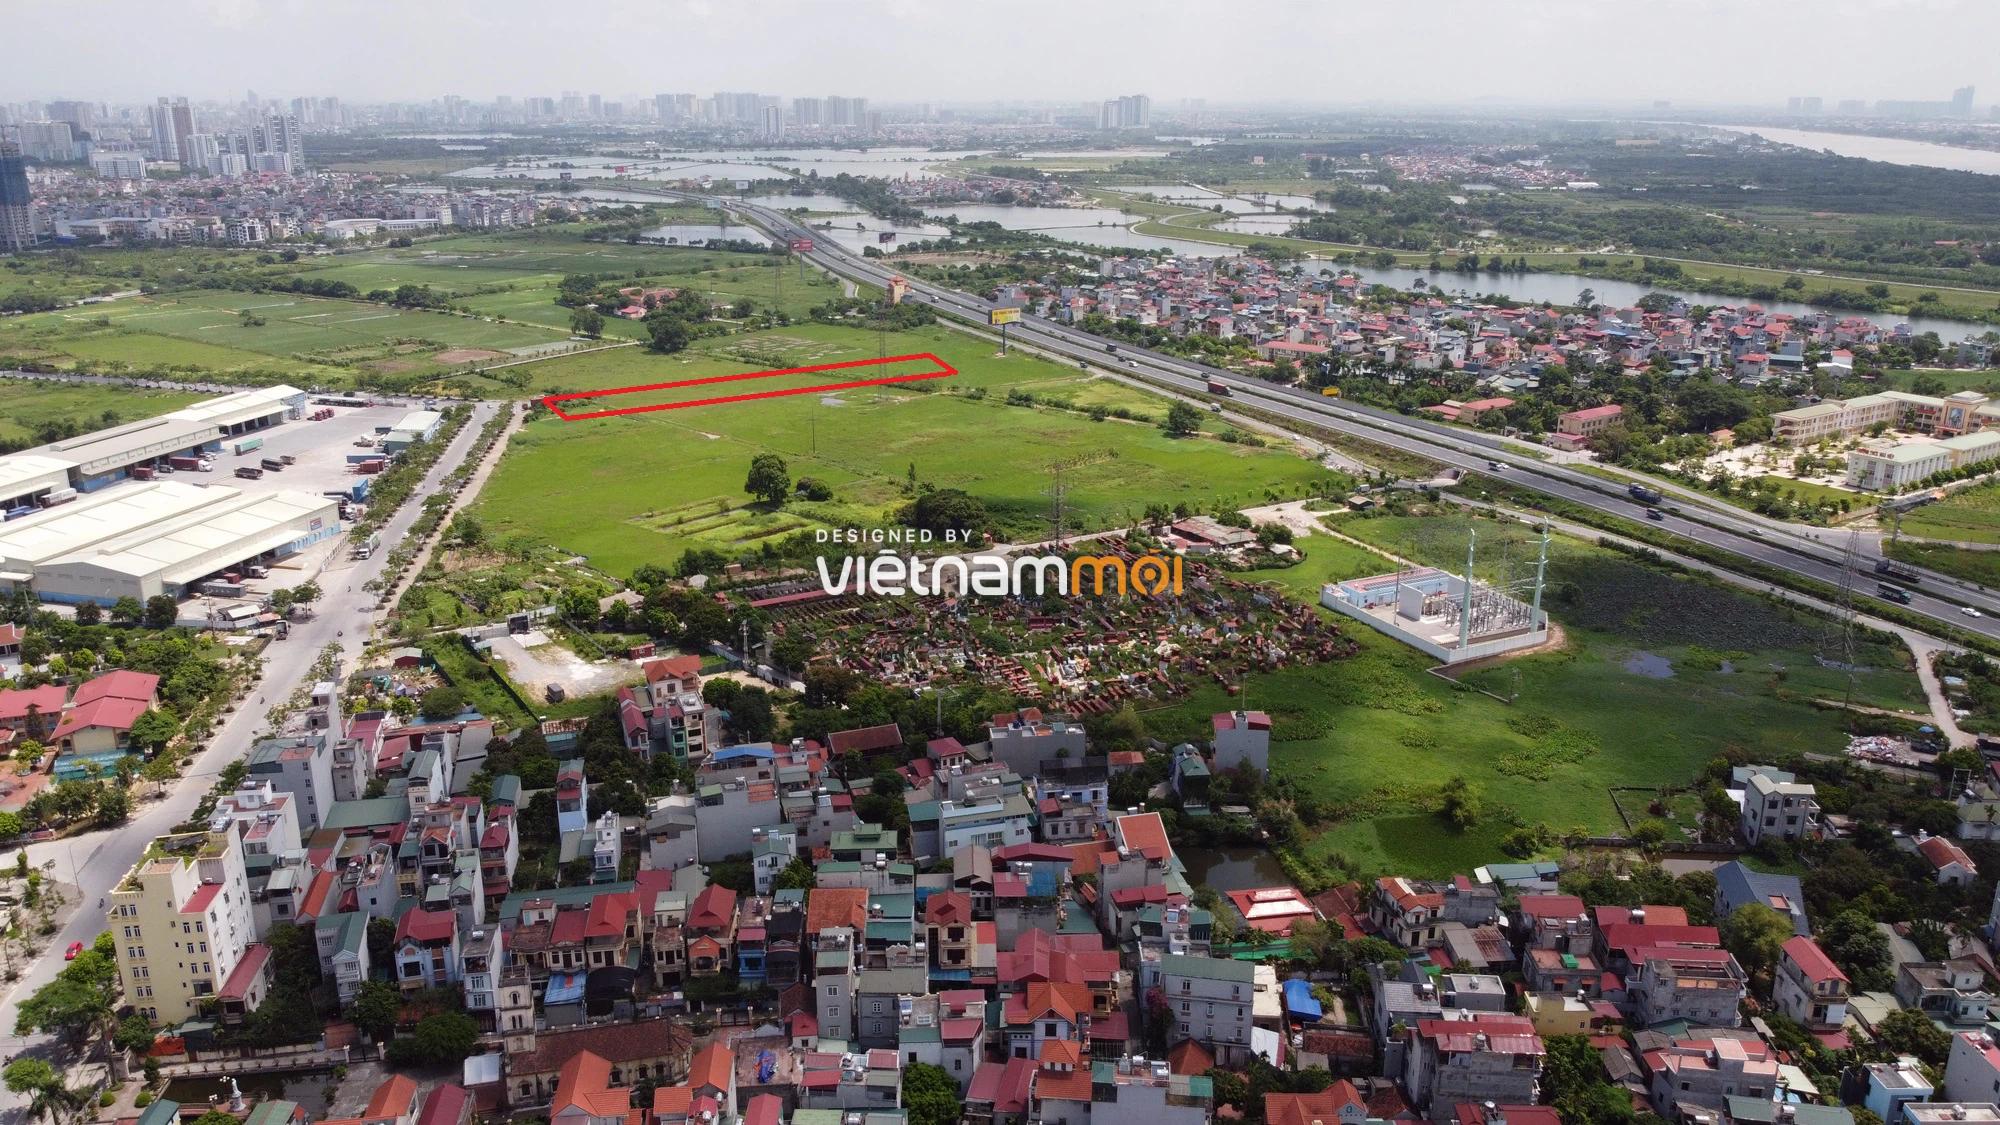 Những khu đất sắp thu hồi để mở đường ở xã Ngũ Hiệp, Thanh Trì, Hà Nội (phần 1) - Ảnh 16.